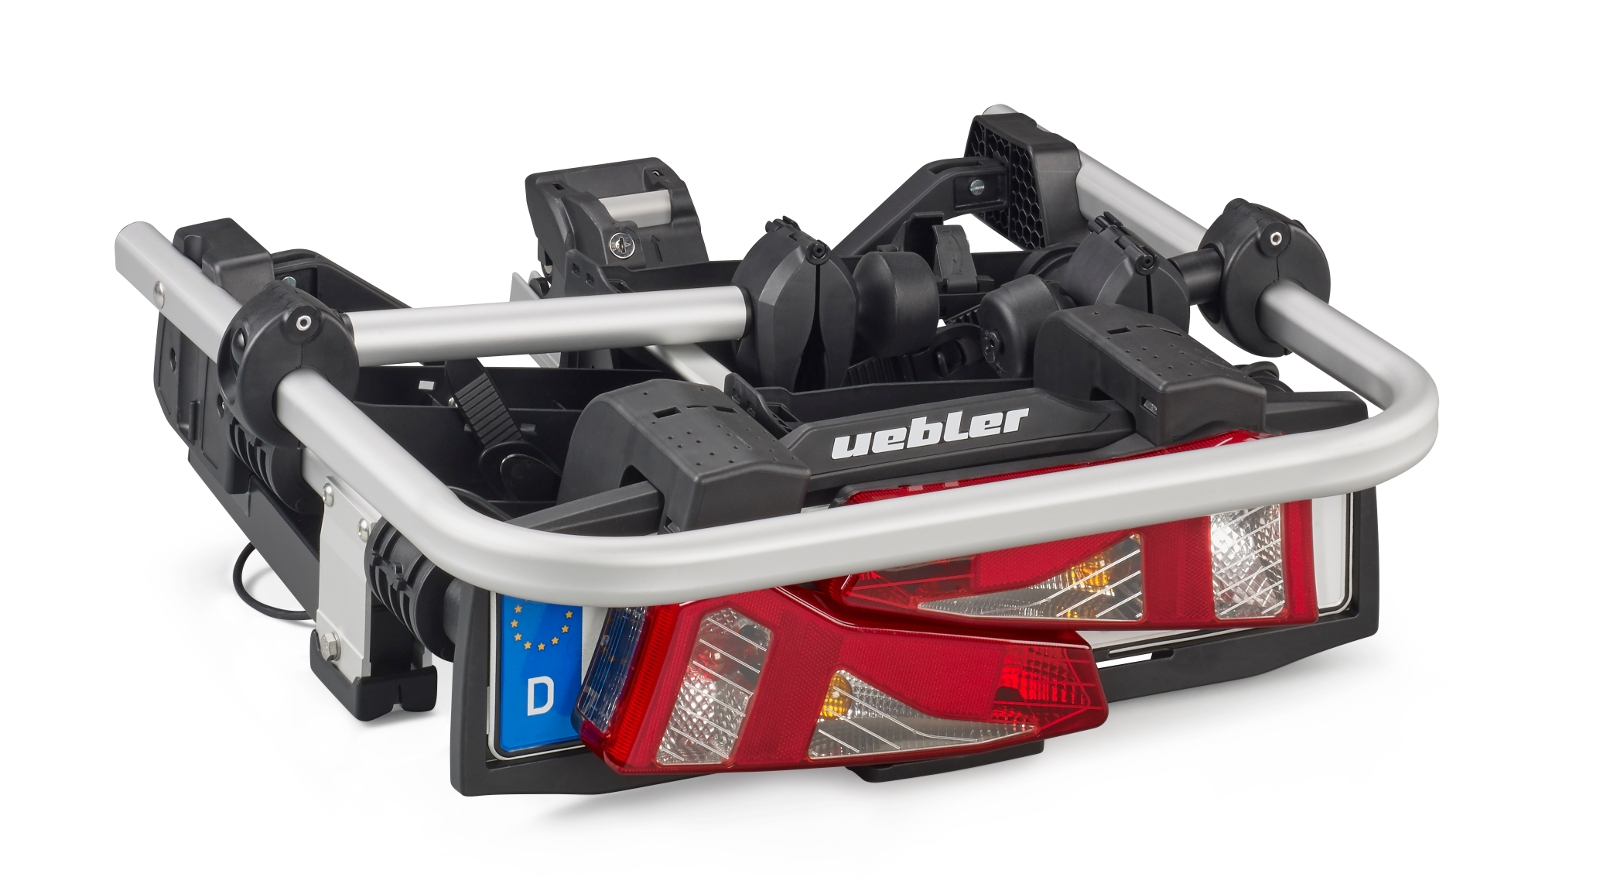 Nosič jízdního kola na tažné zařízení ve složené podobě, kterou lze snadno uskladnit do kufru.